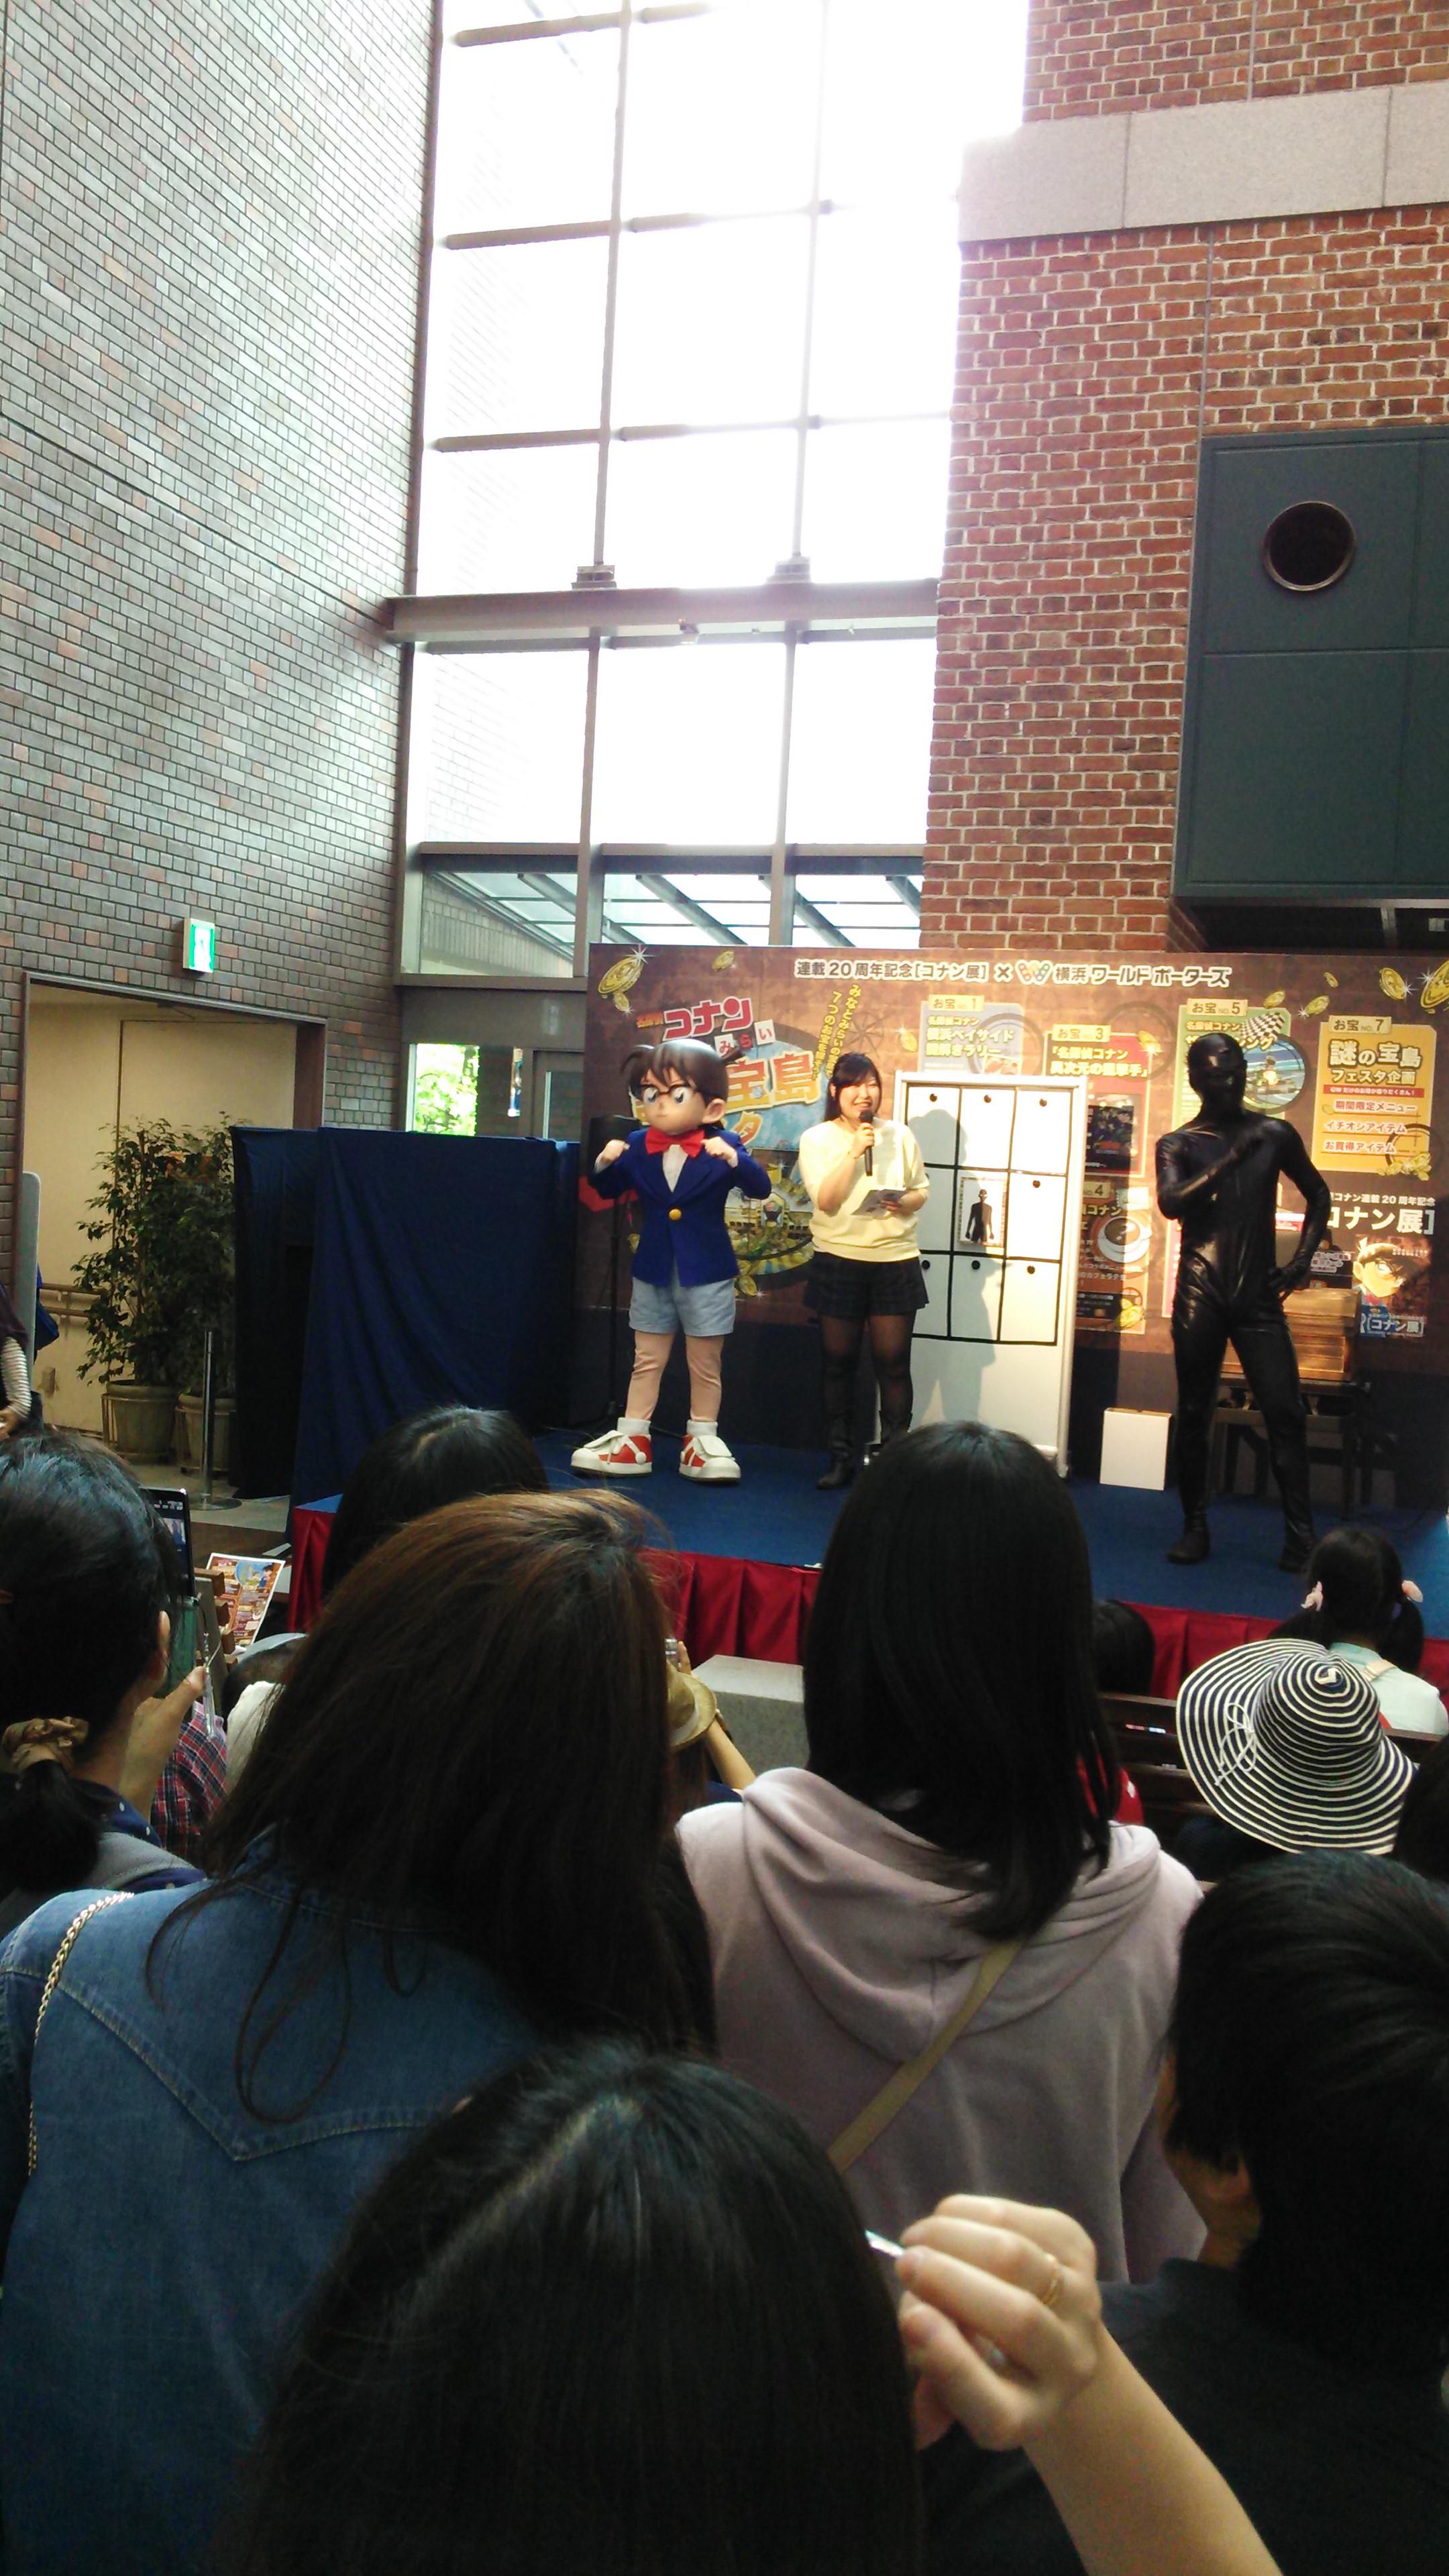 ロリータ動画像 2014/05/06 12:38:14